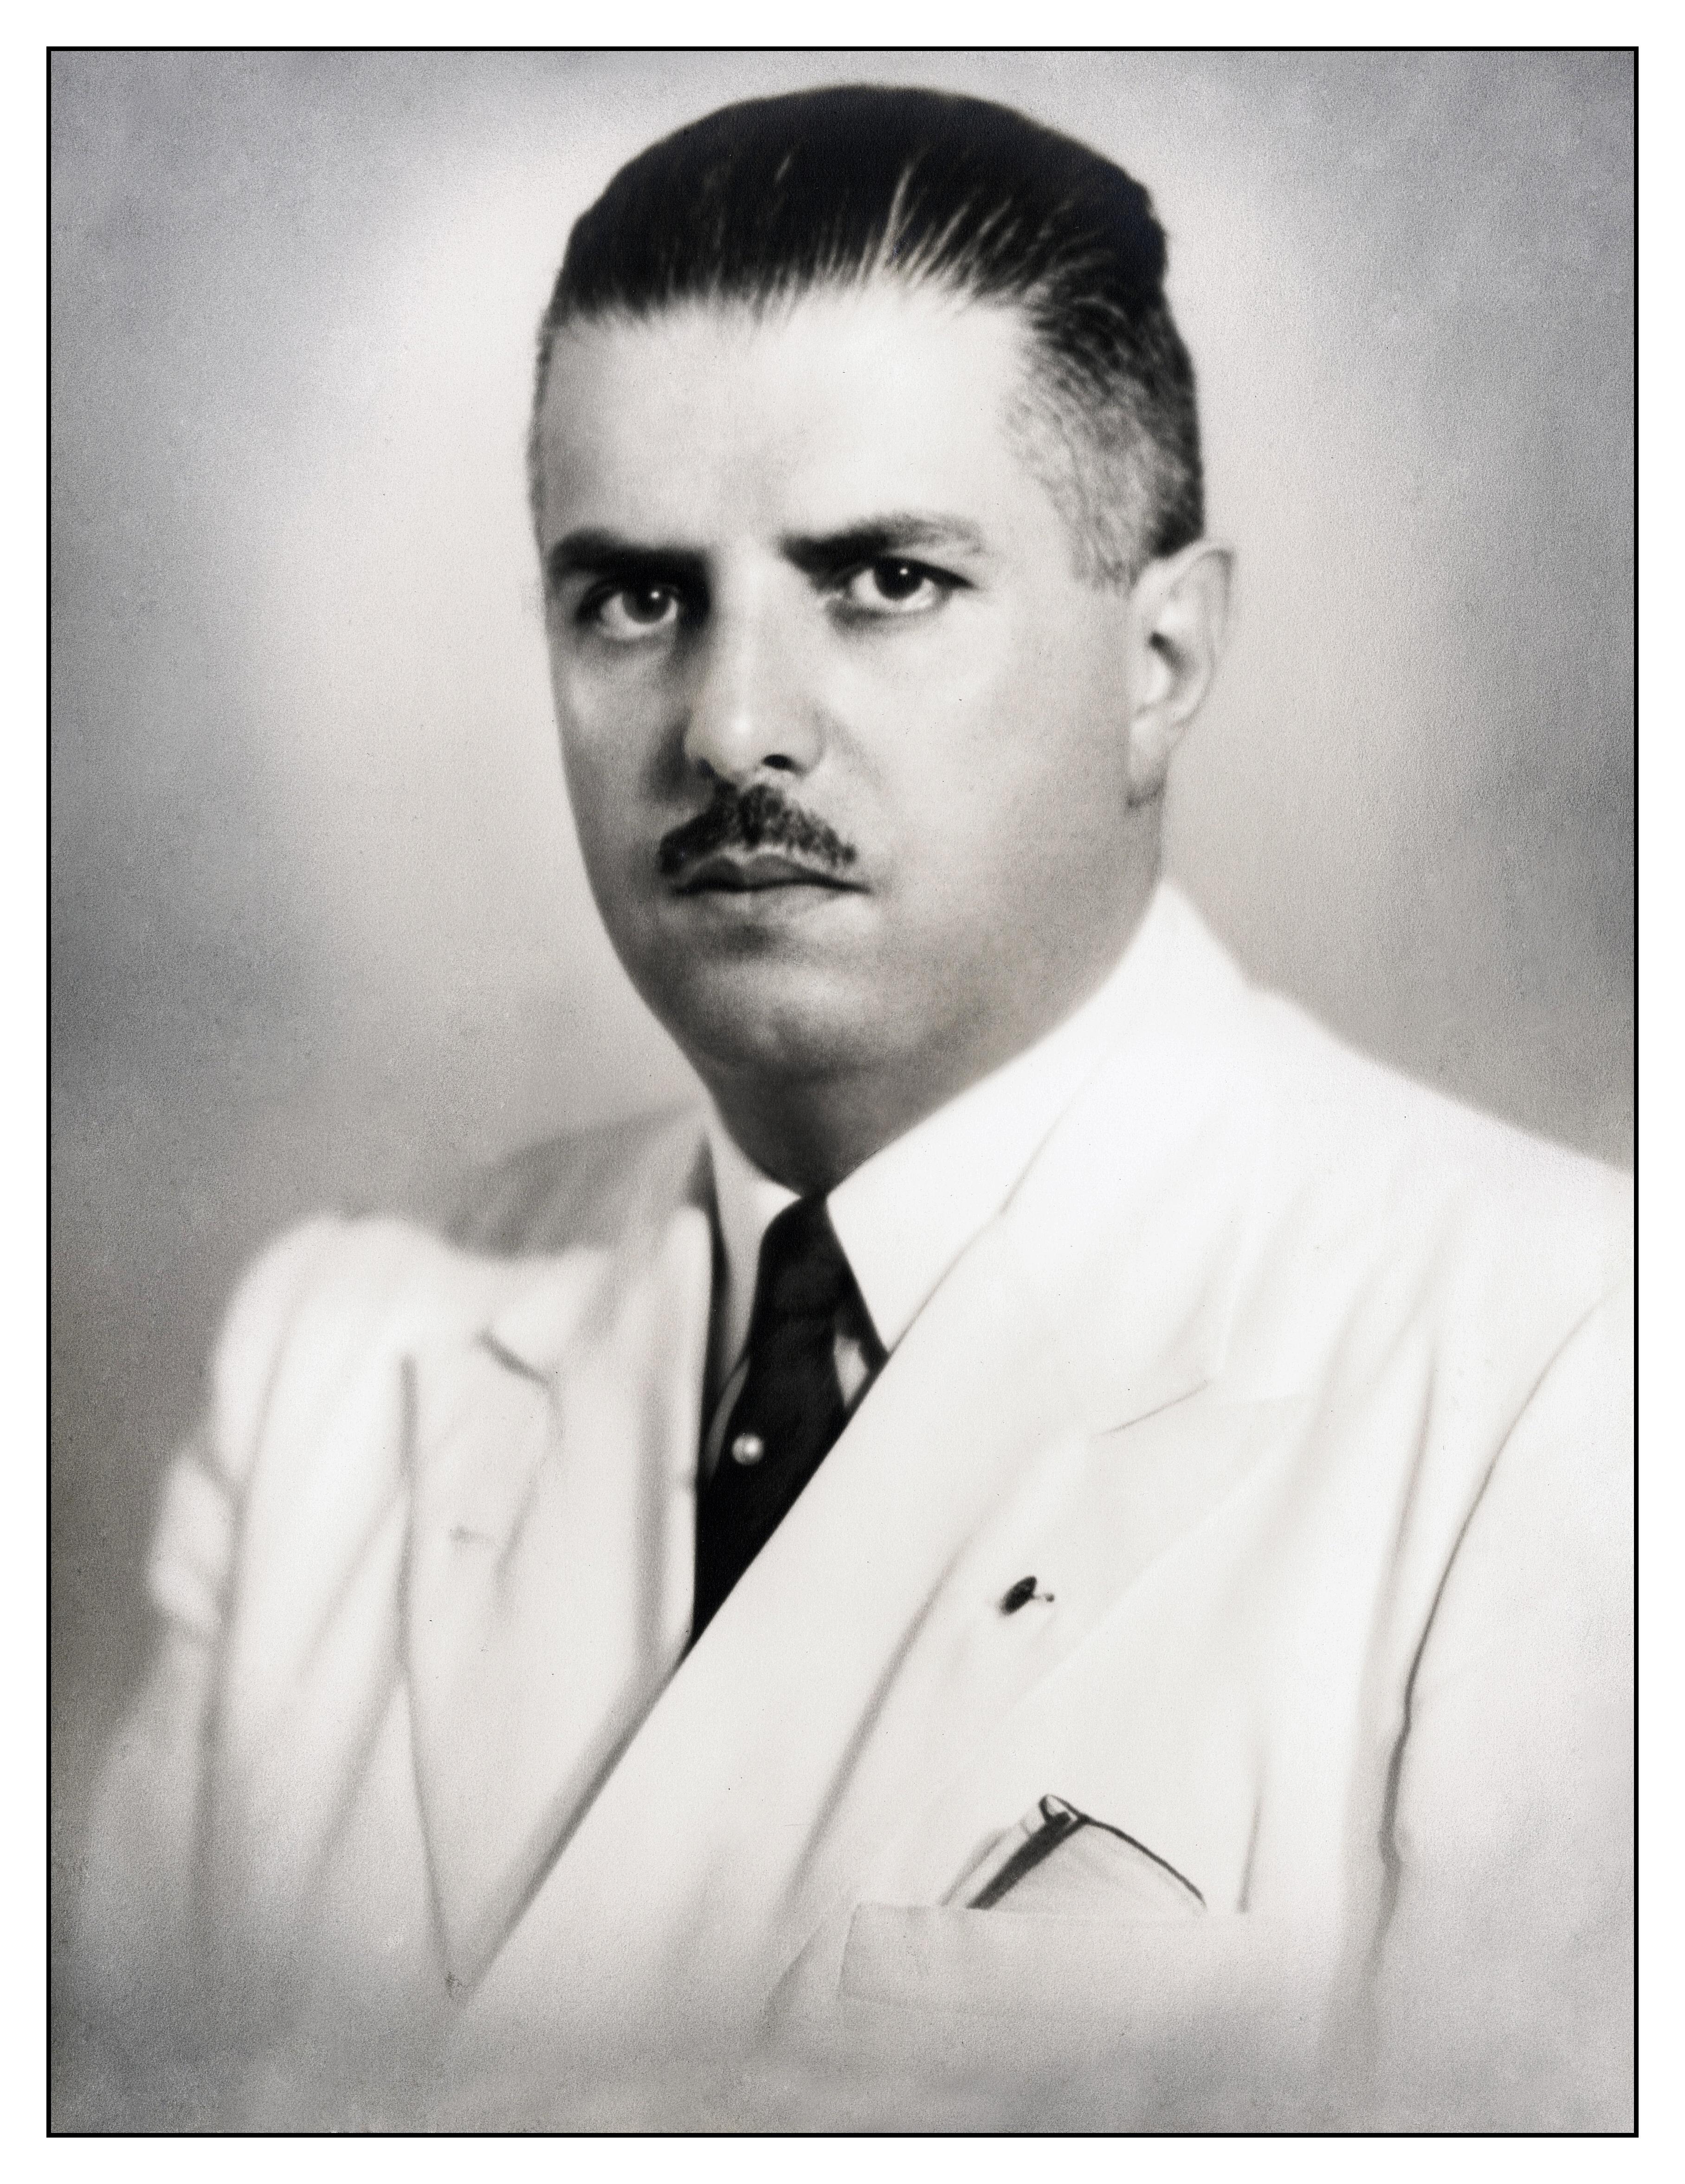 Manoel de Moraes Barros Netto